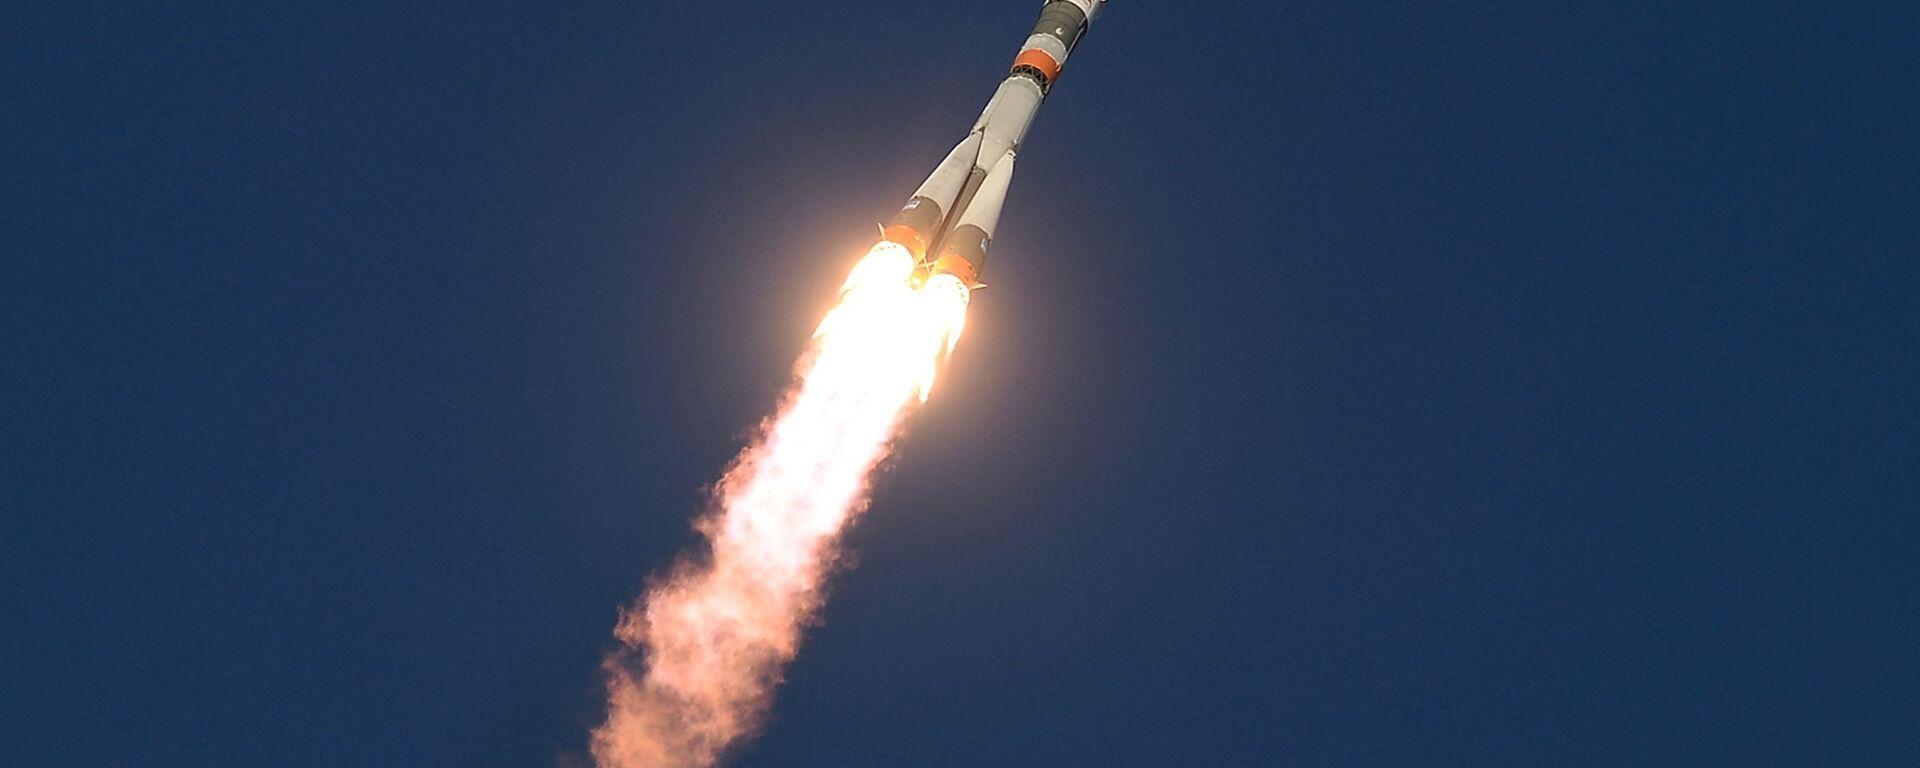 Старт космического корабля Союз ТМА-19М с космодрома Байконур - Sputnik Узбекистан, 1920, 14.05.2021